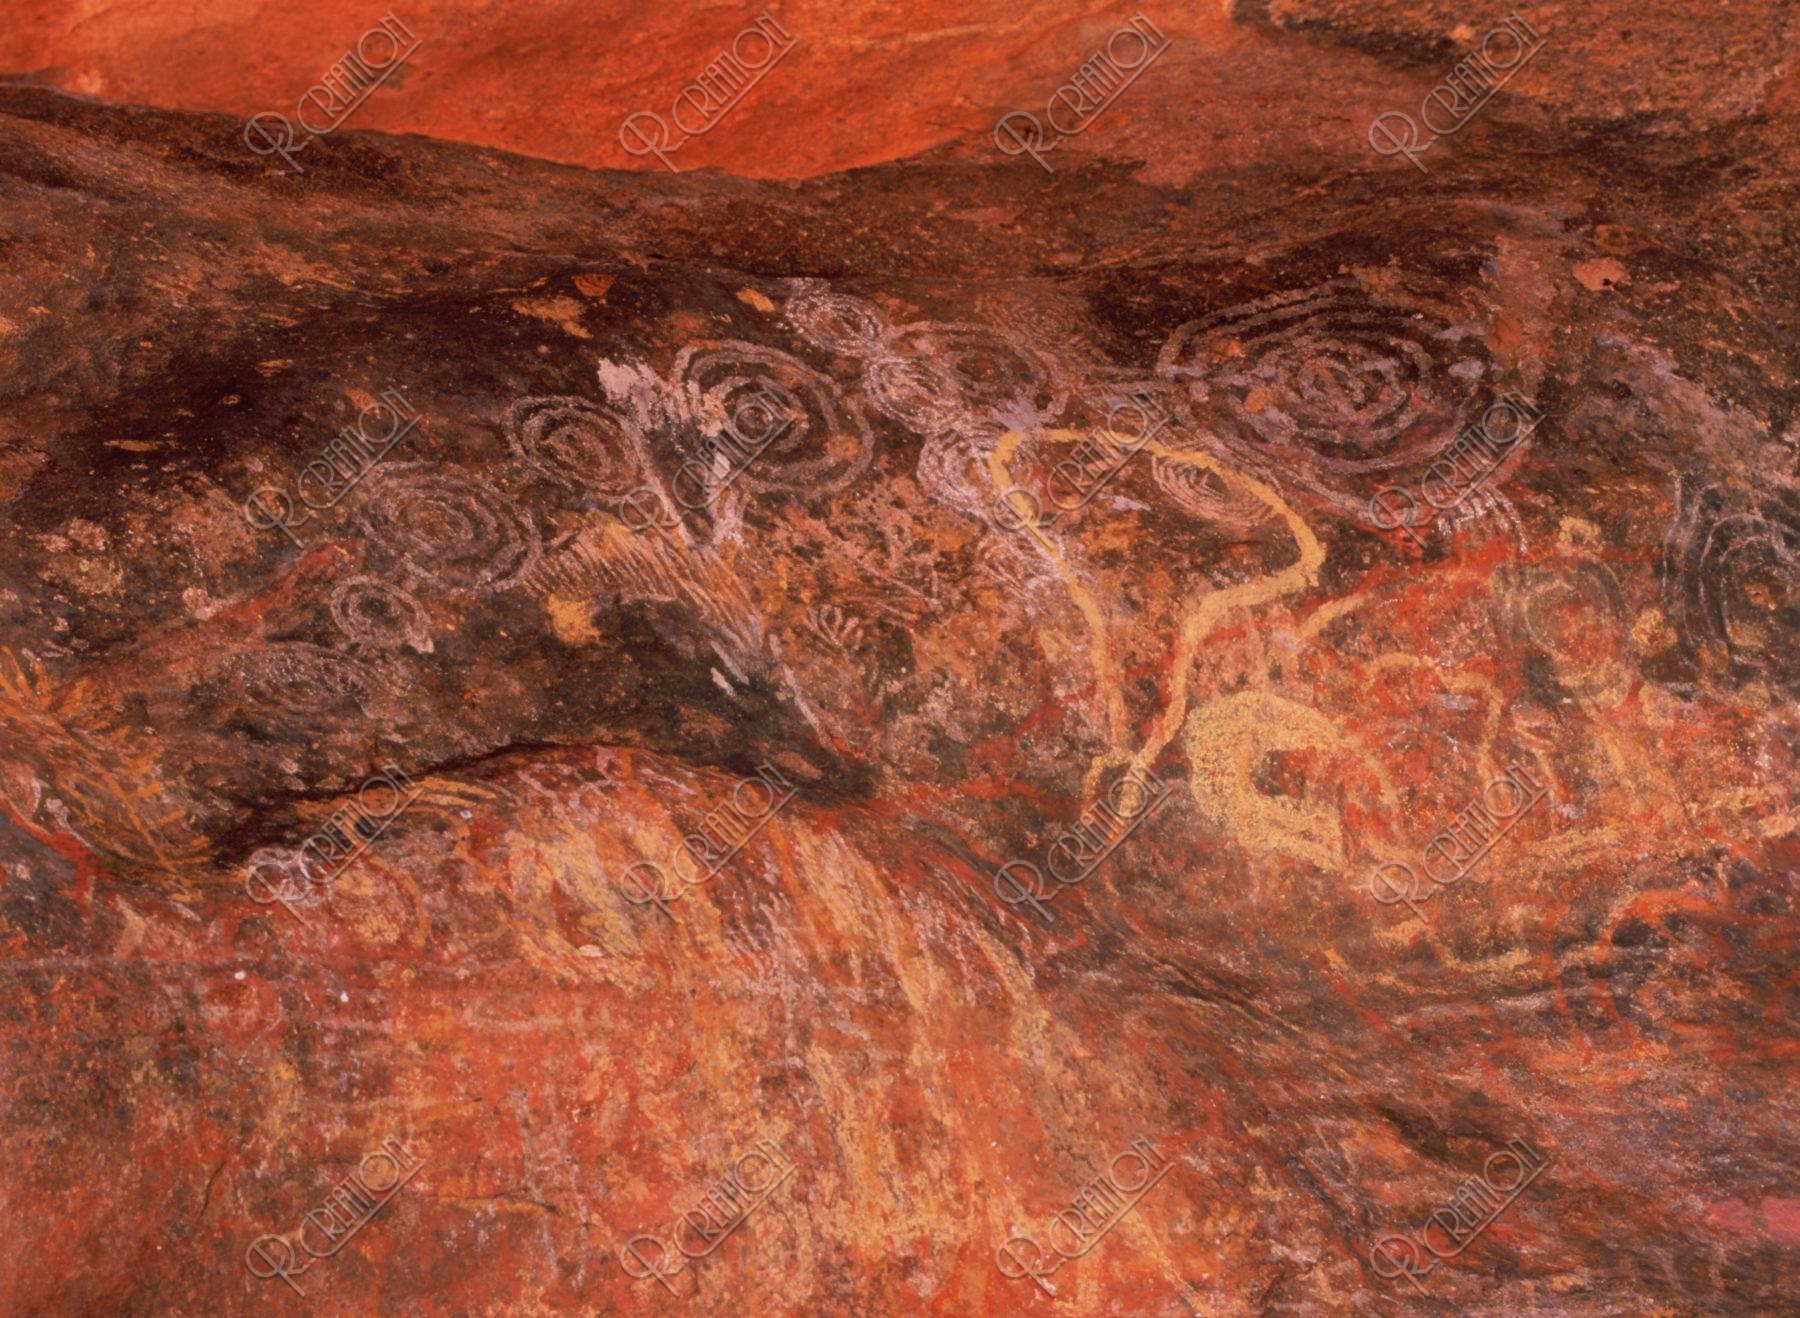 ウルル(エアーズロック)の岩絵W